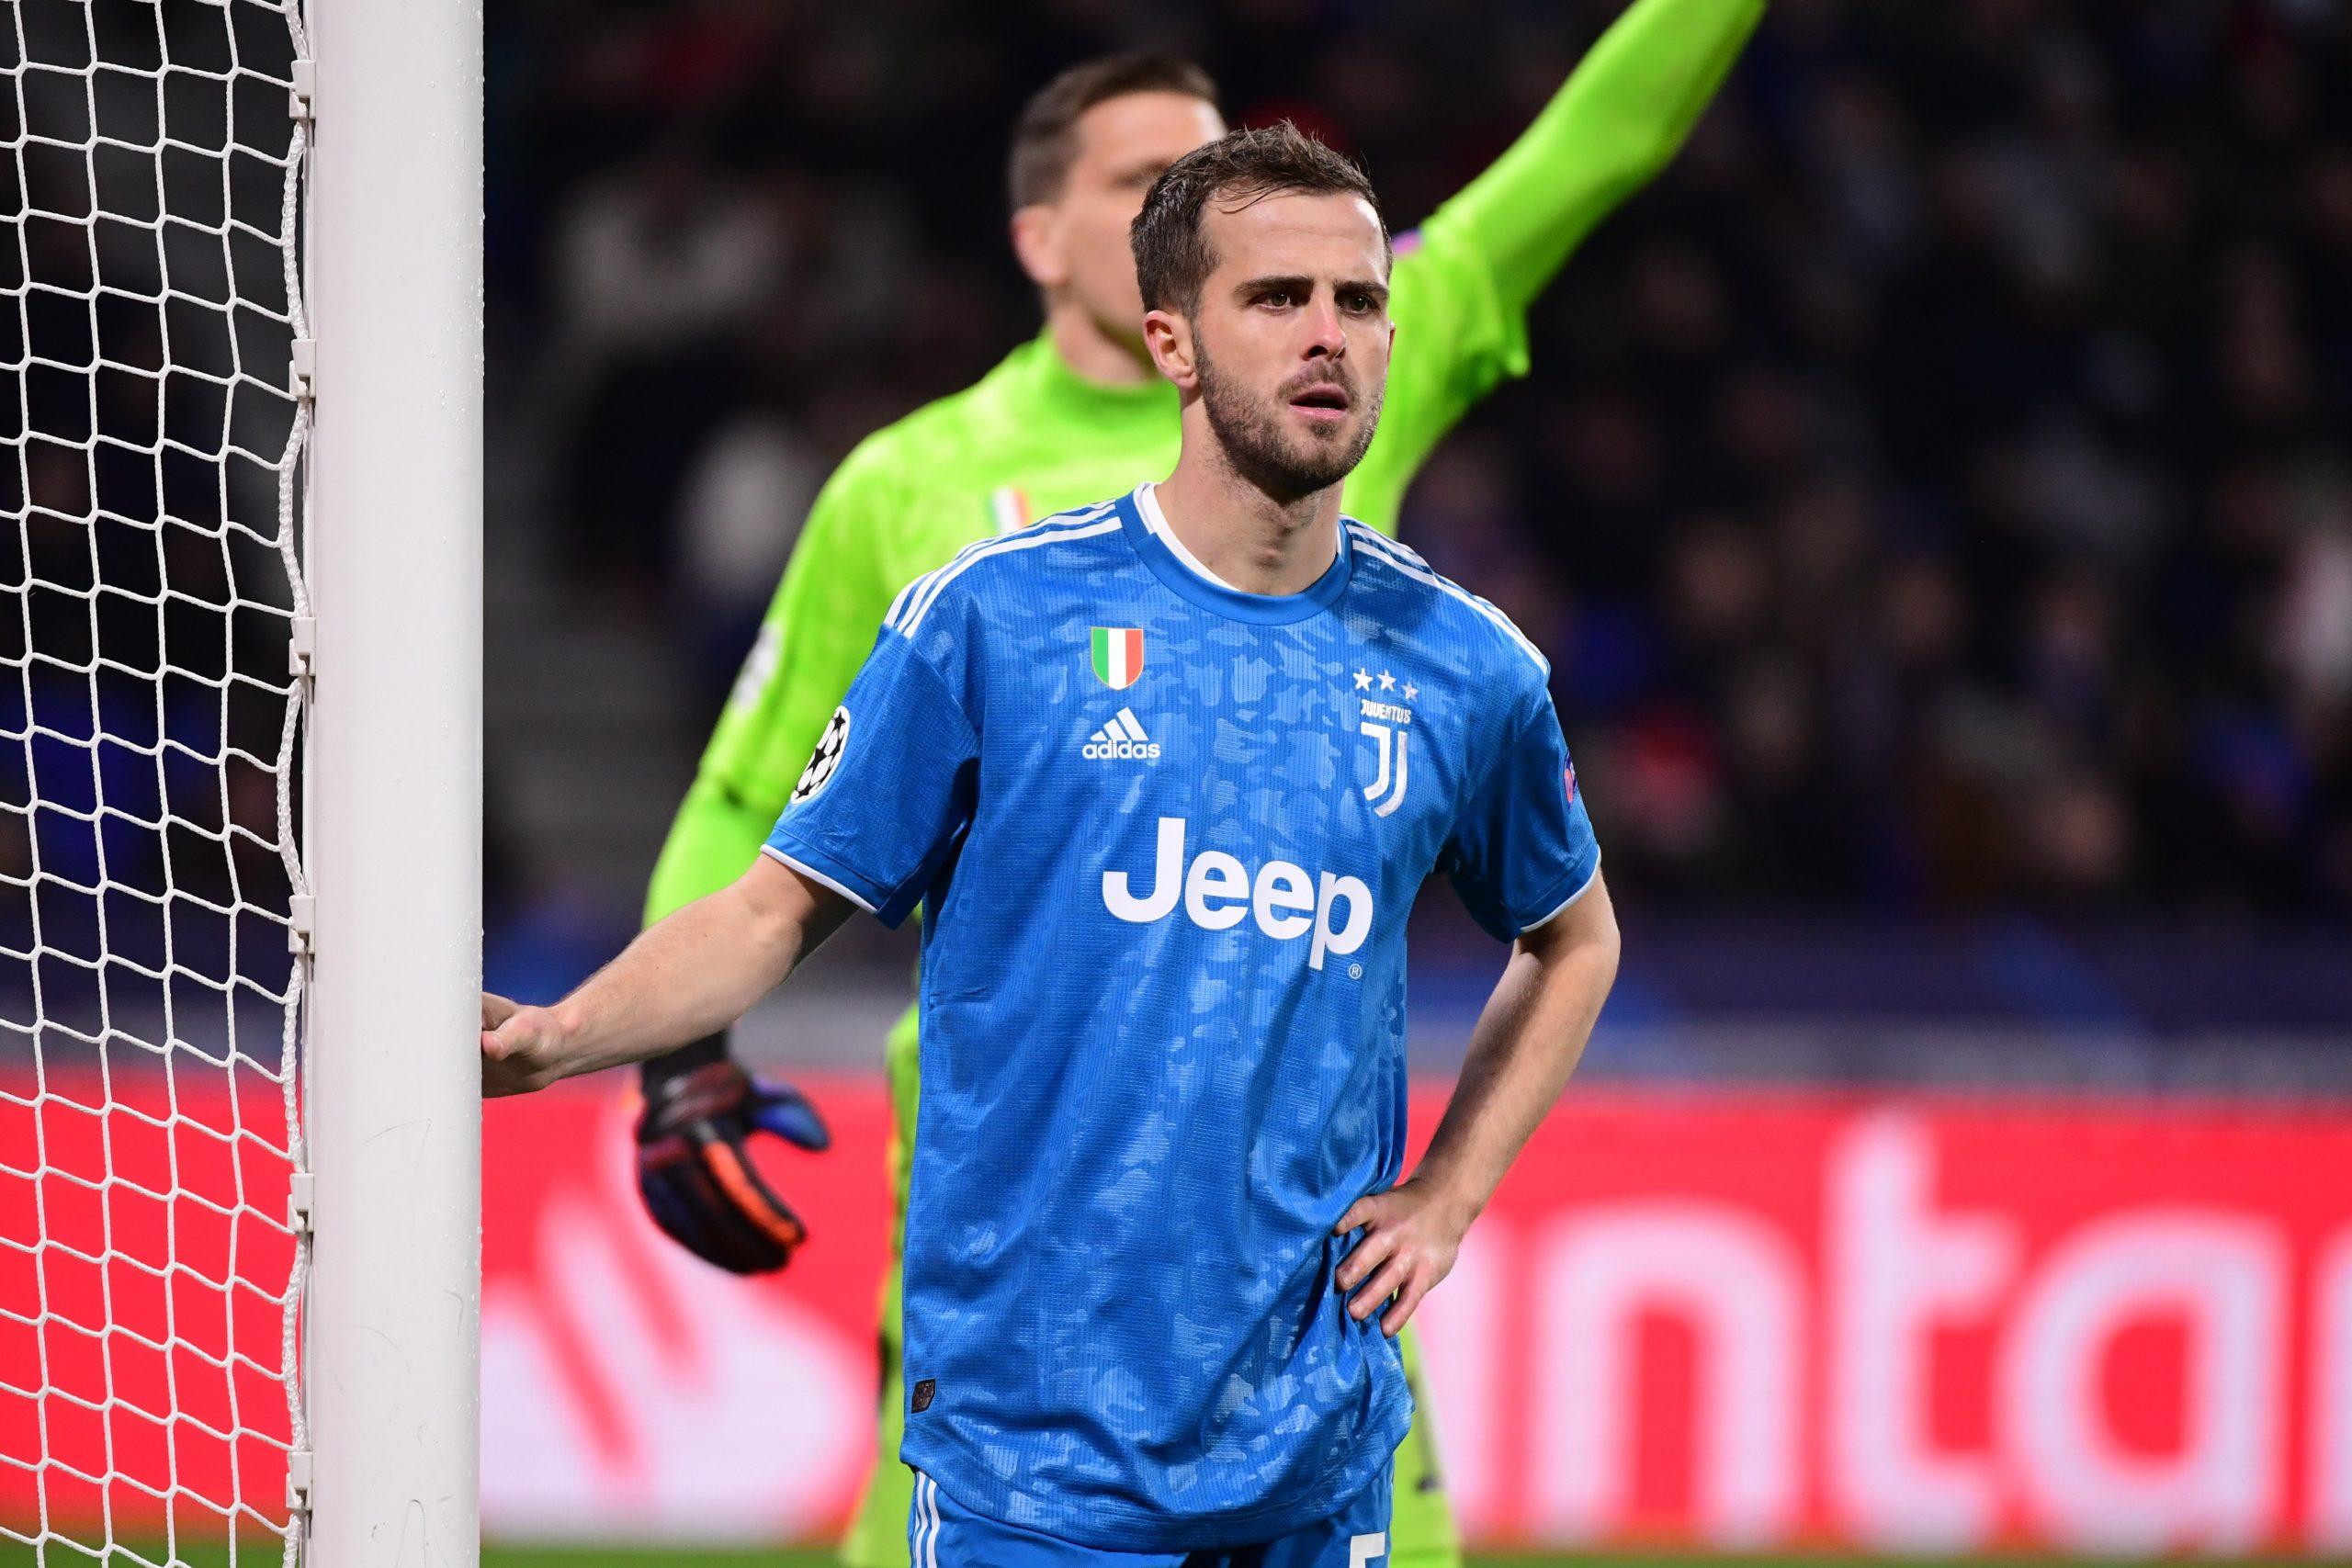 Mercato - Le PSG plus avancé que les autres clubs dans le dossier Pjanic, d'après Di Marzio